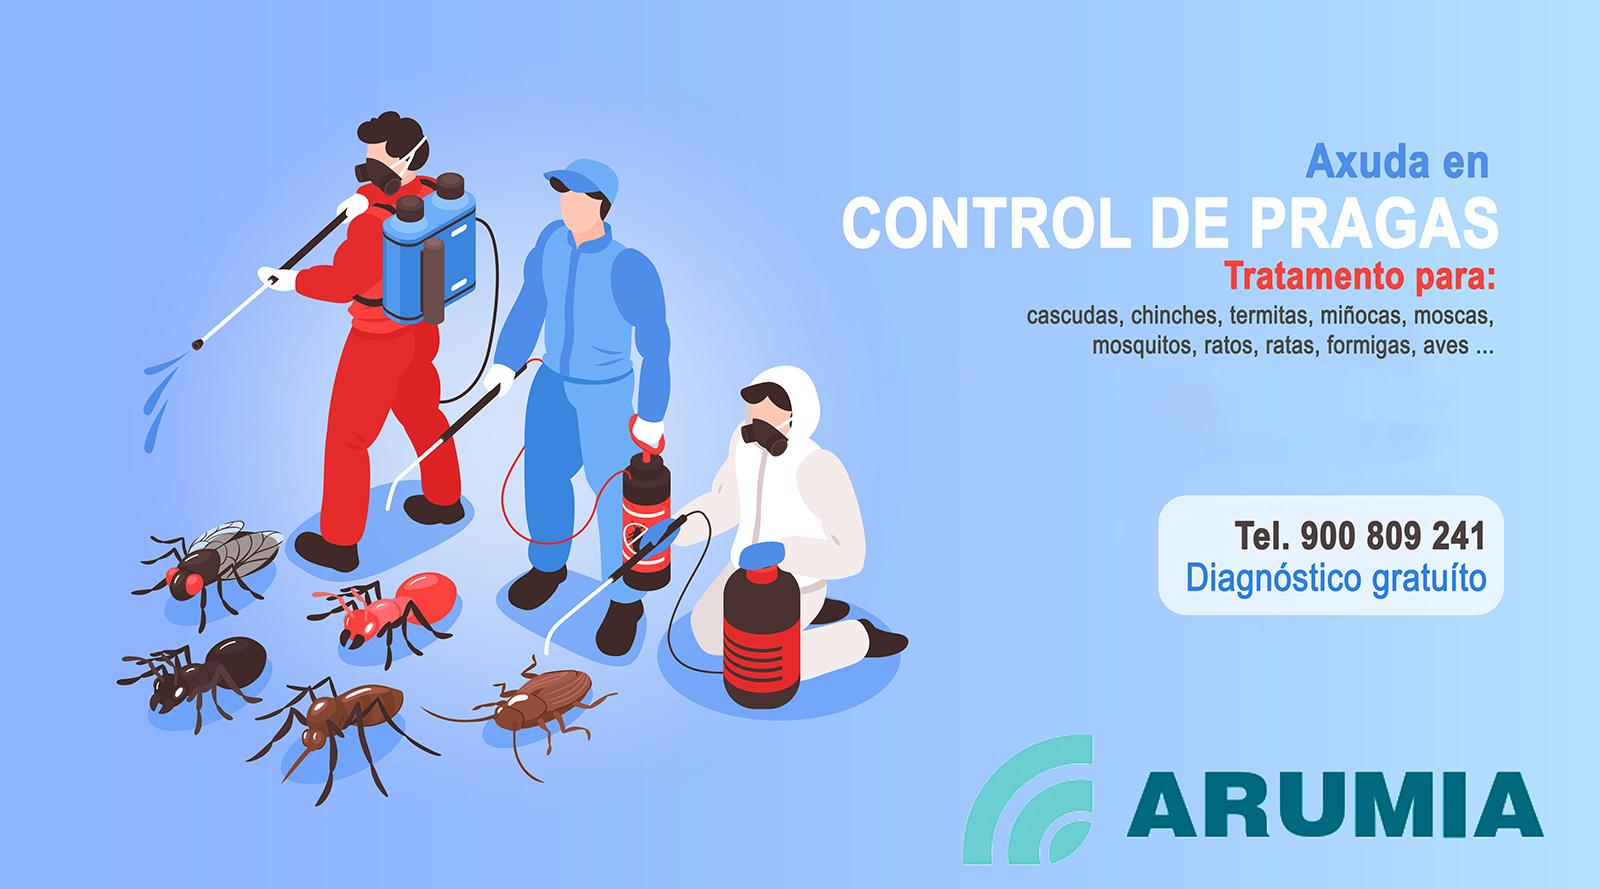 Control de Pragas Galicia